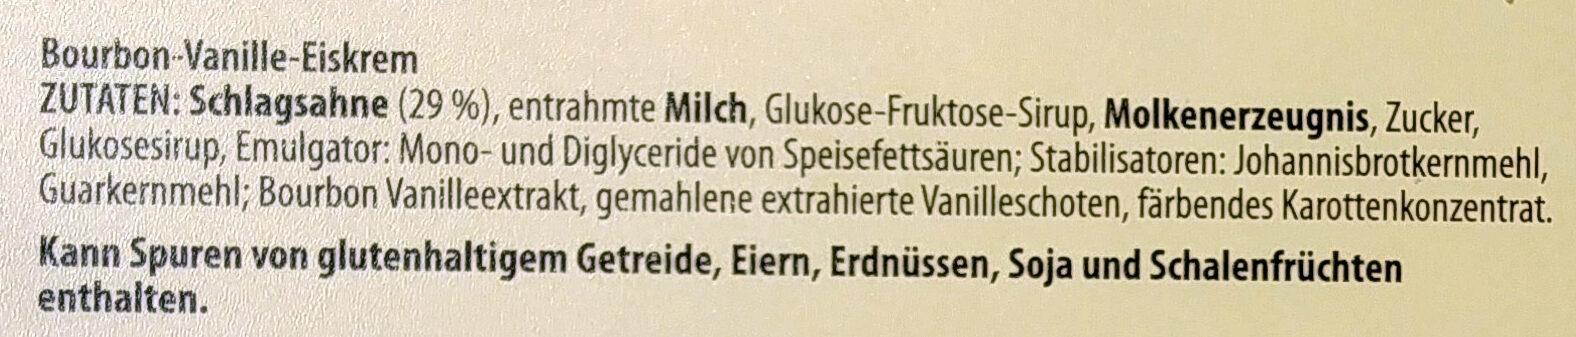 Bourbon vanilleeiskrem - Zutaten - de